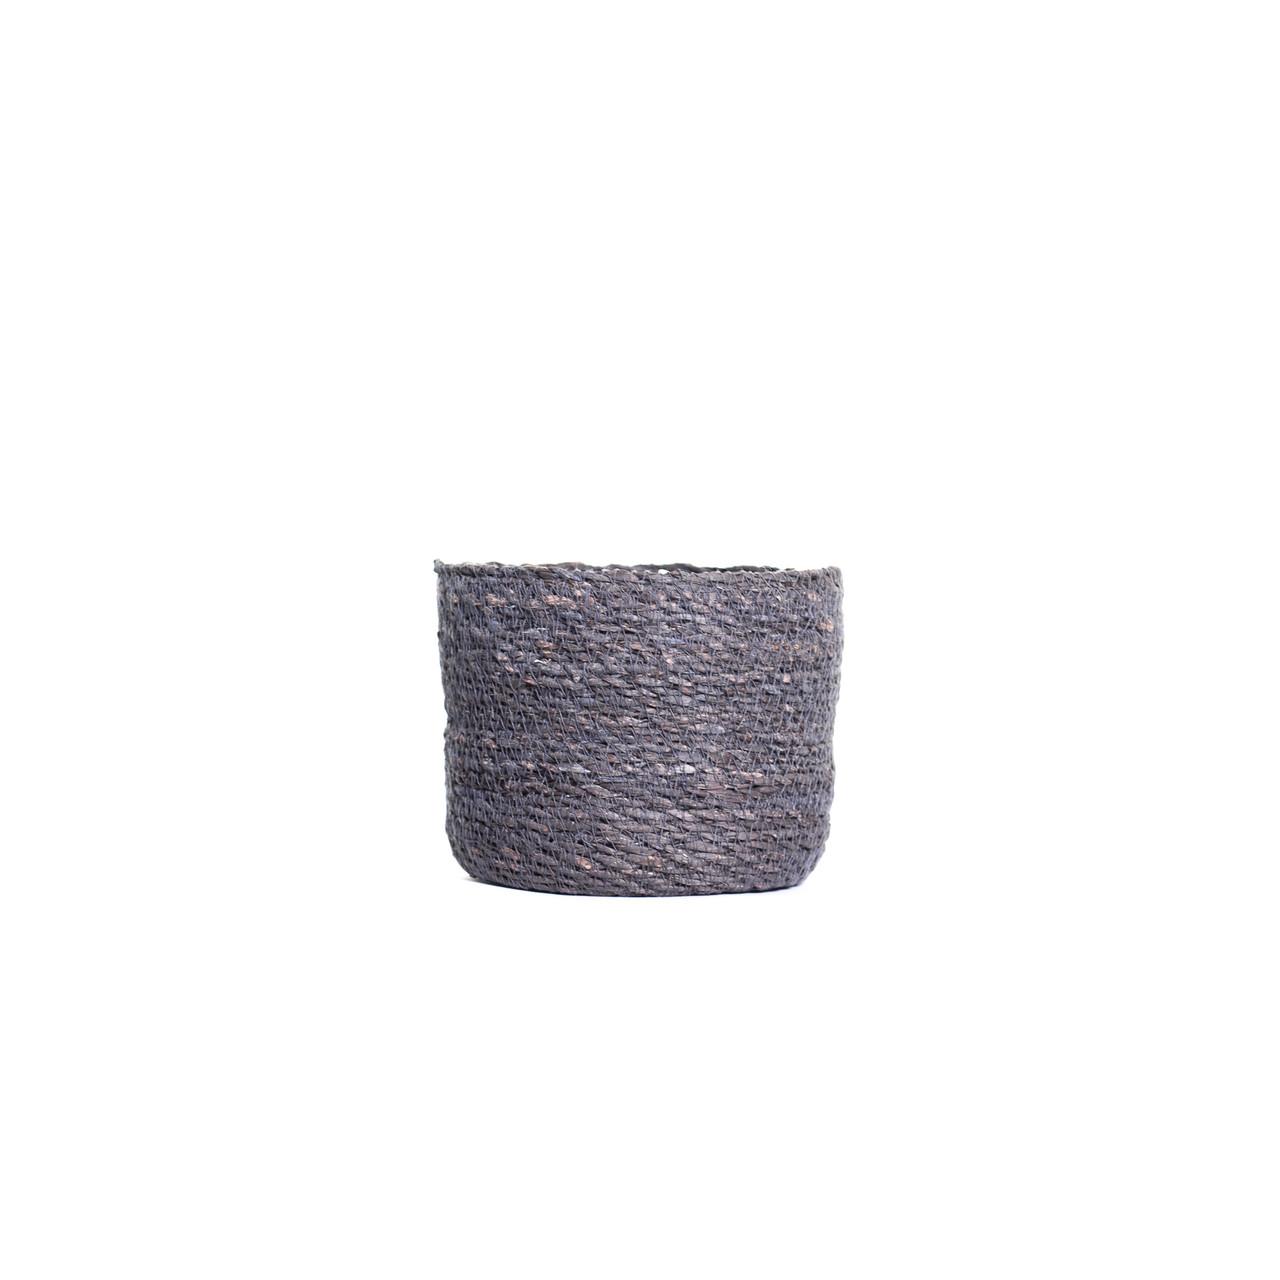 Pot naturel grijs D17 H14